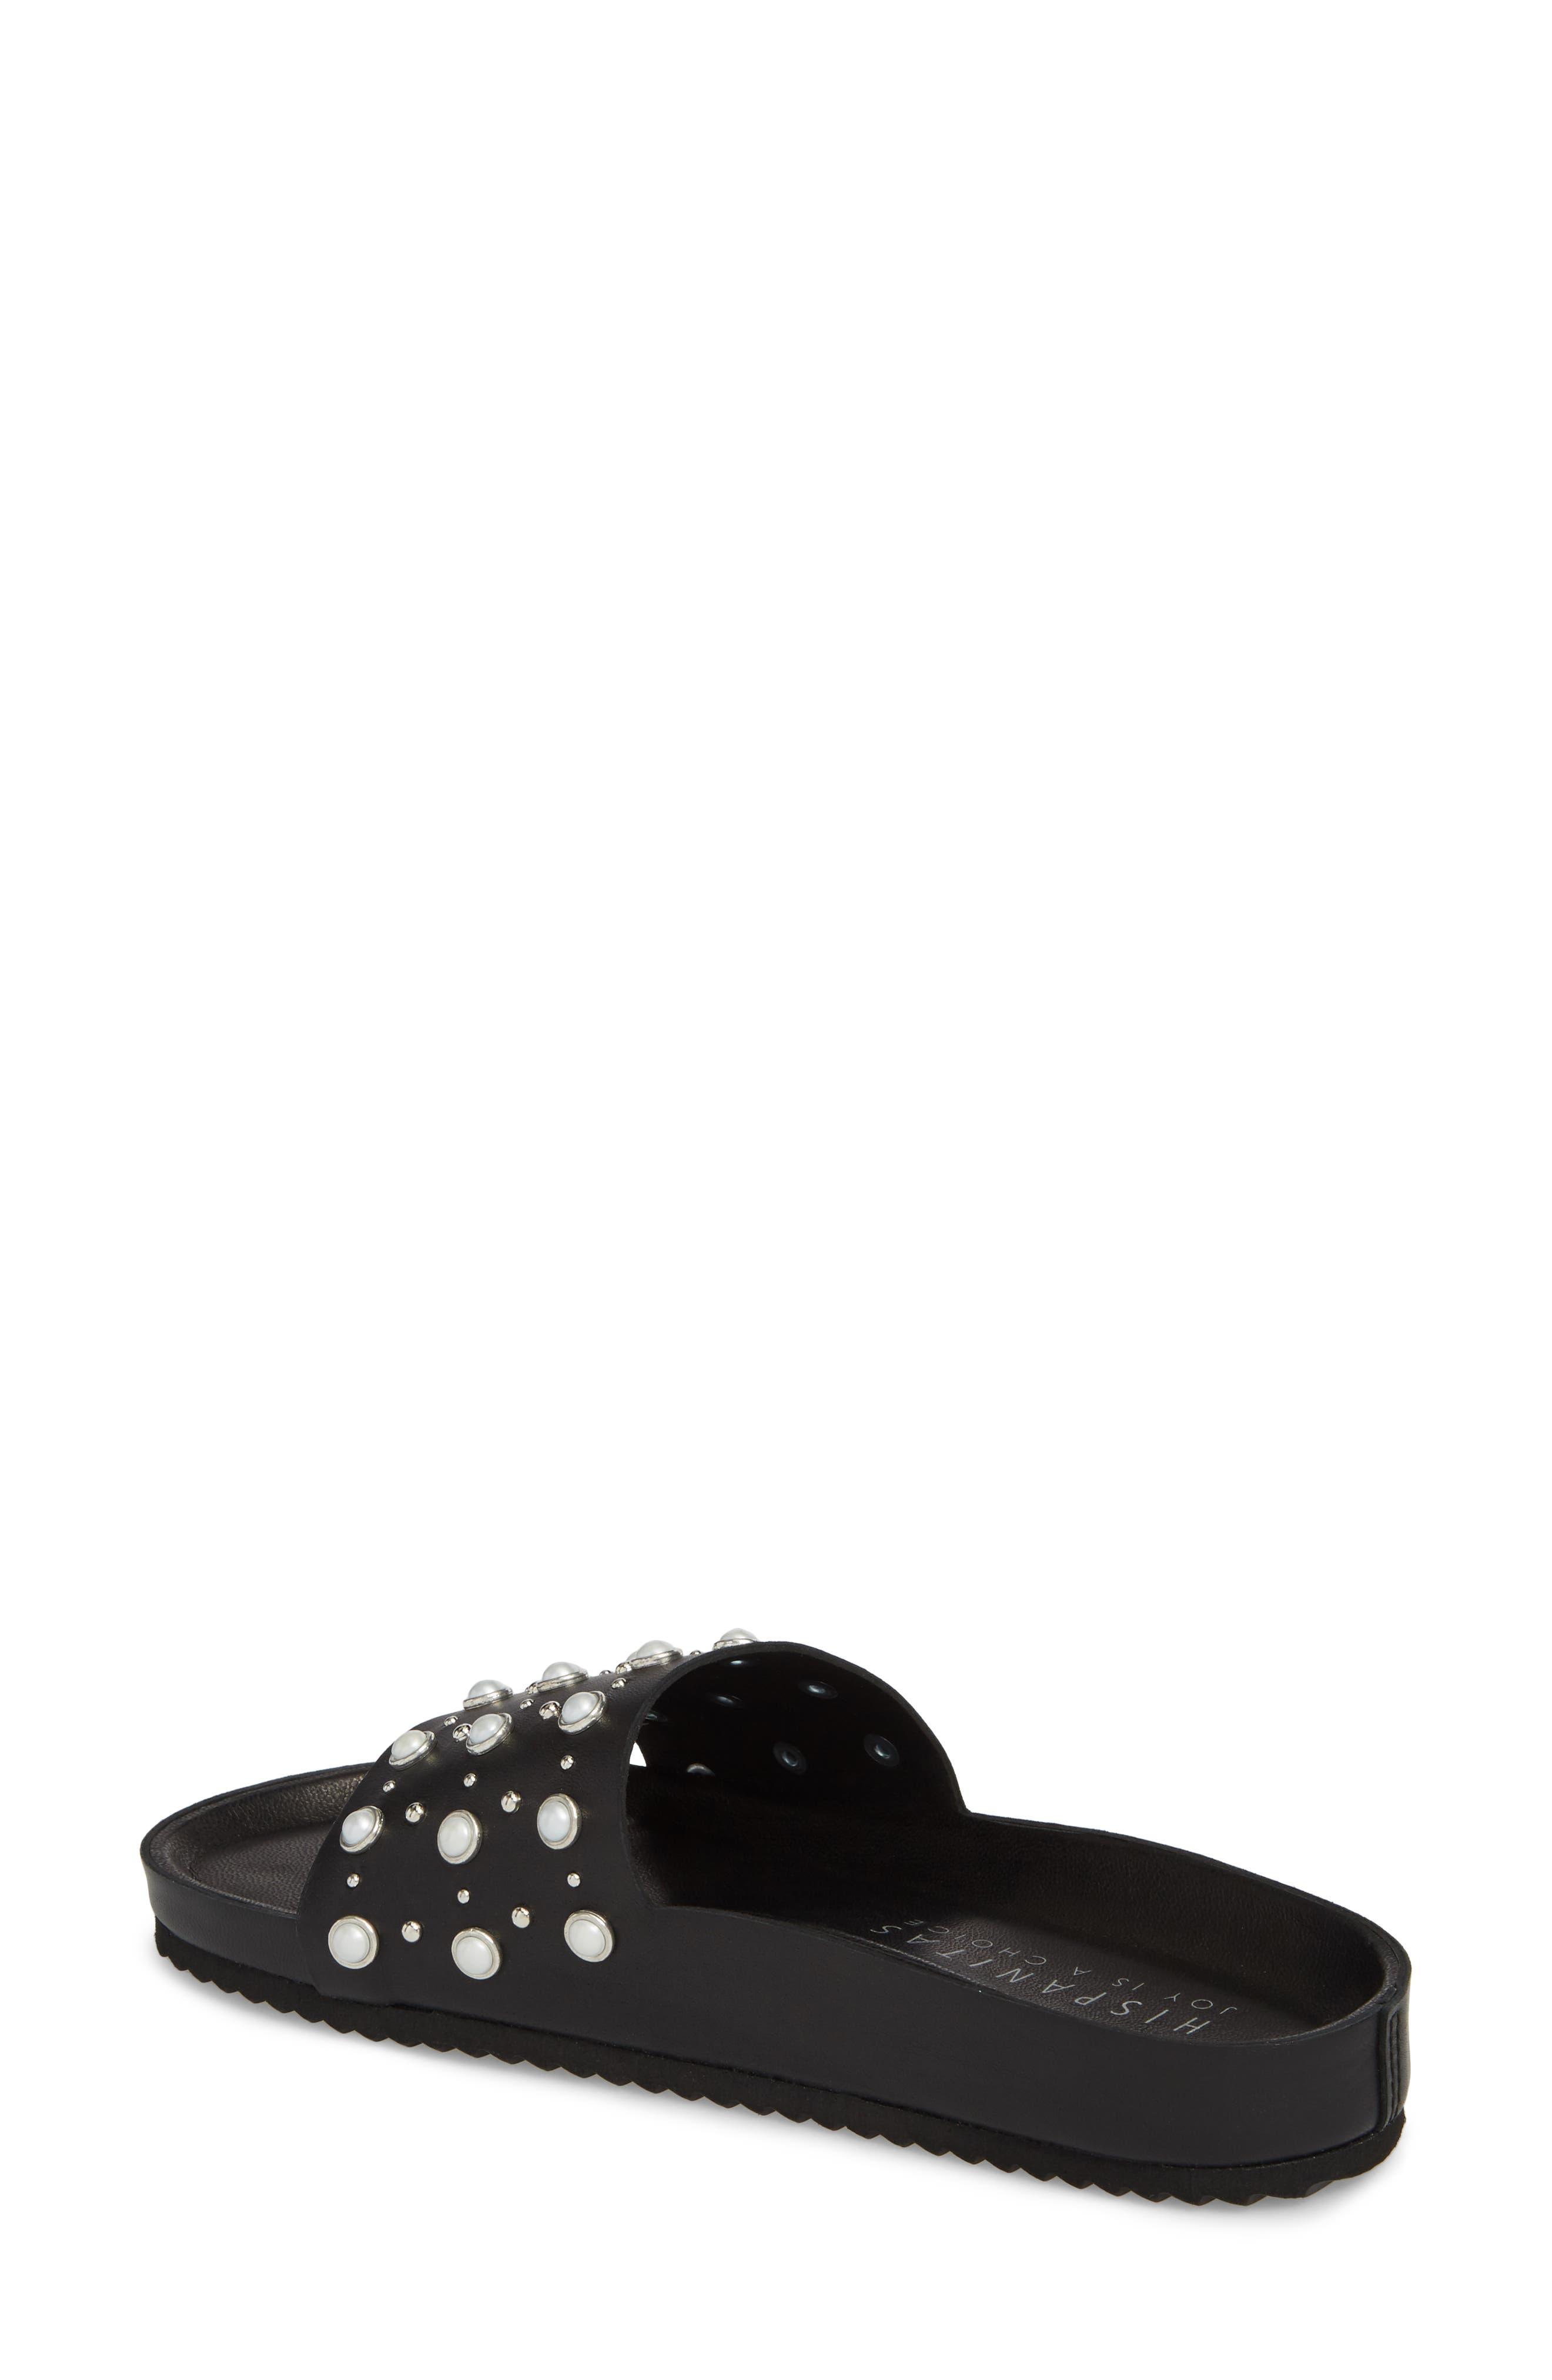 Santori Slide Sandal,                             Alternate thumbnail 2, color,                             Napa Black Leather